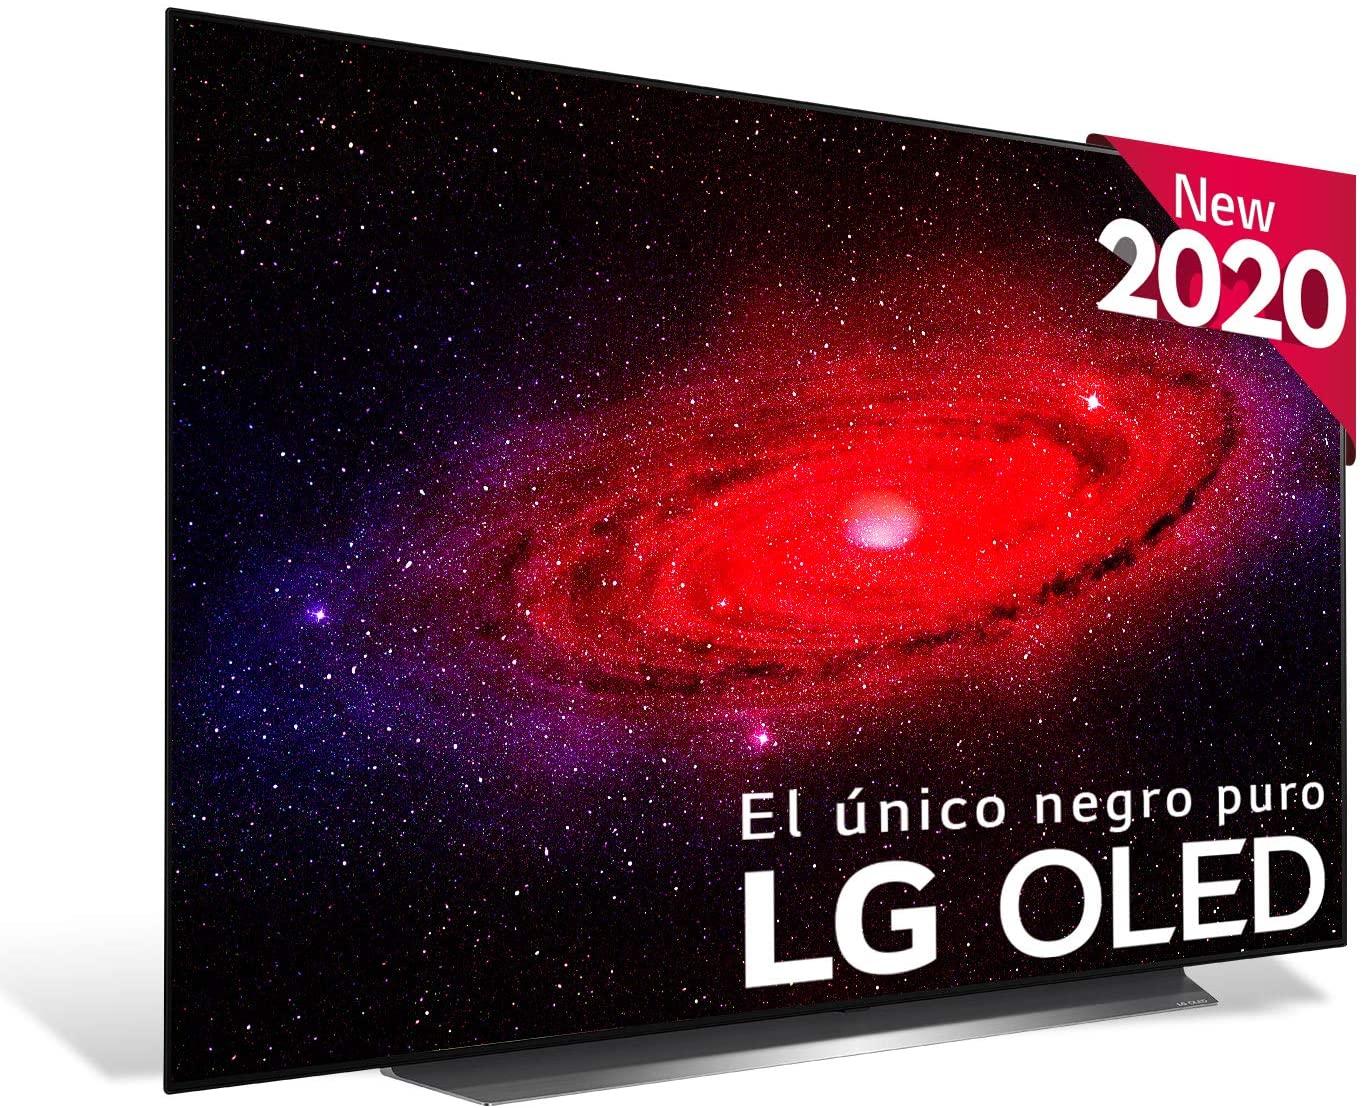 """TV OLED 55"""" - LG OLED55CX5LB, UHD 4K, (3840 x 2160 píxeles), A9, 4 x HDMI 2.1, 3 x USB 2.0, A, Negro"""